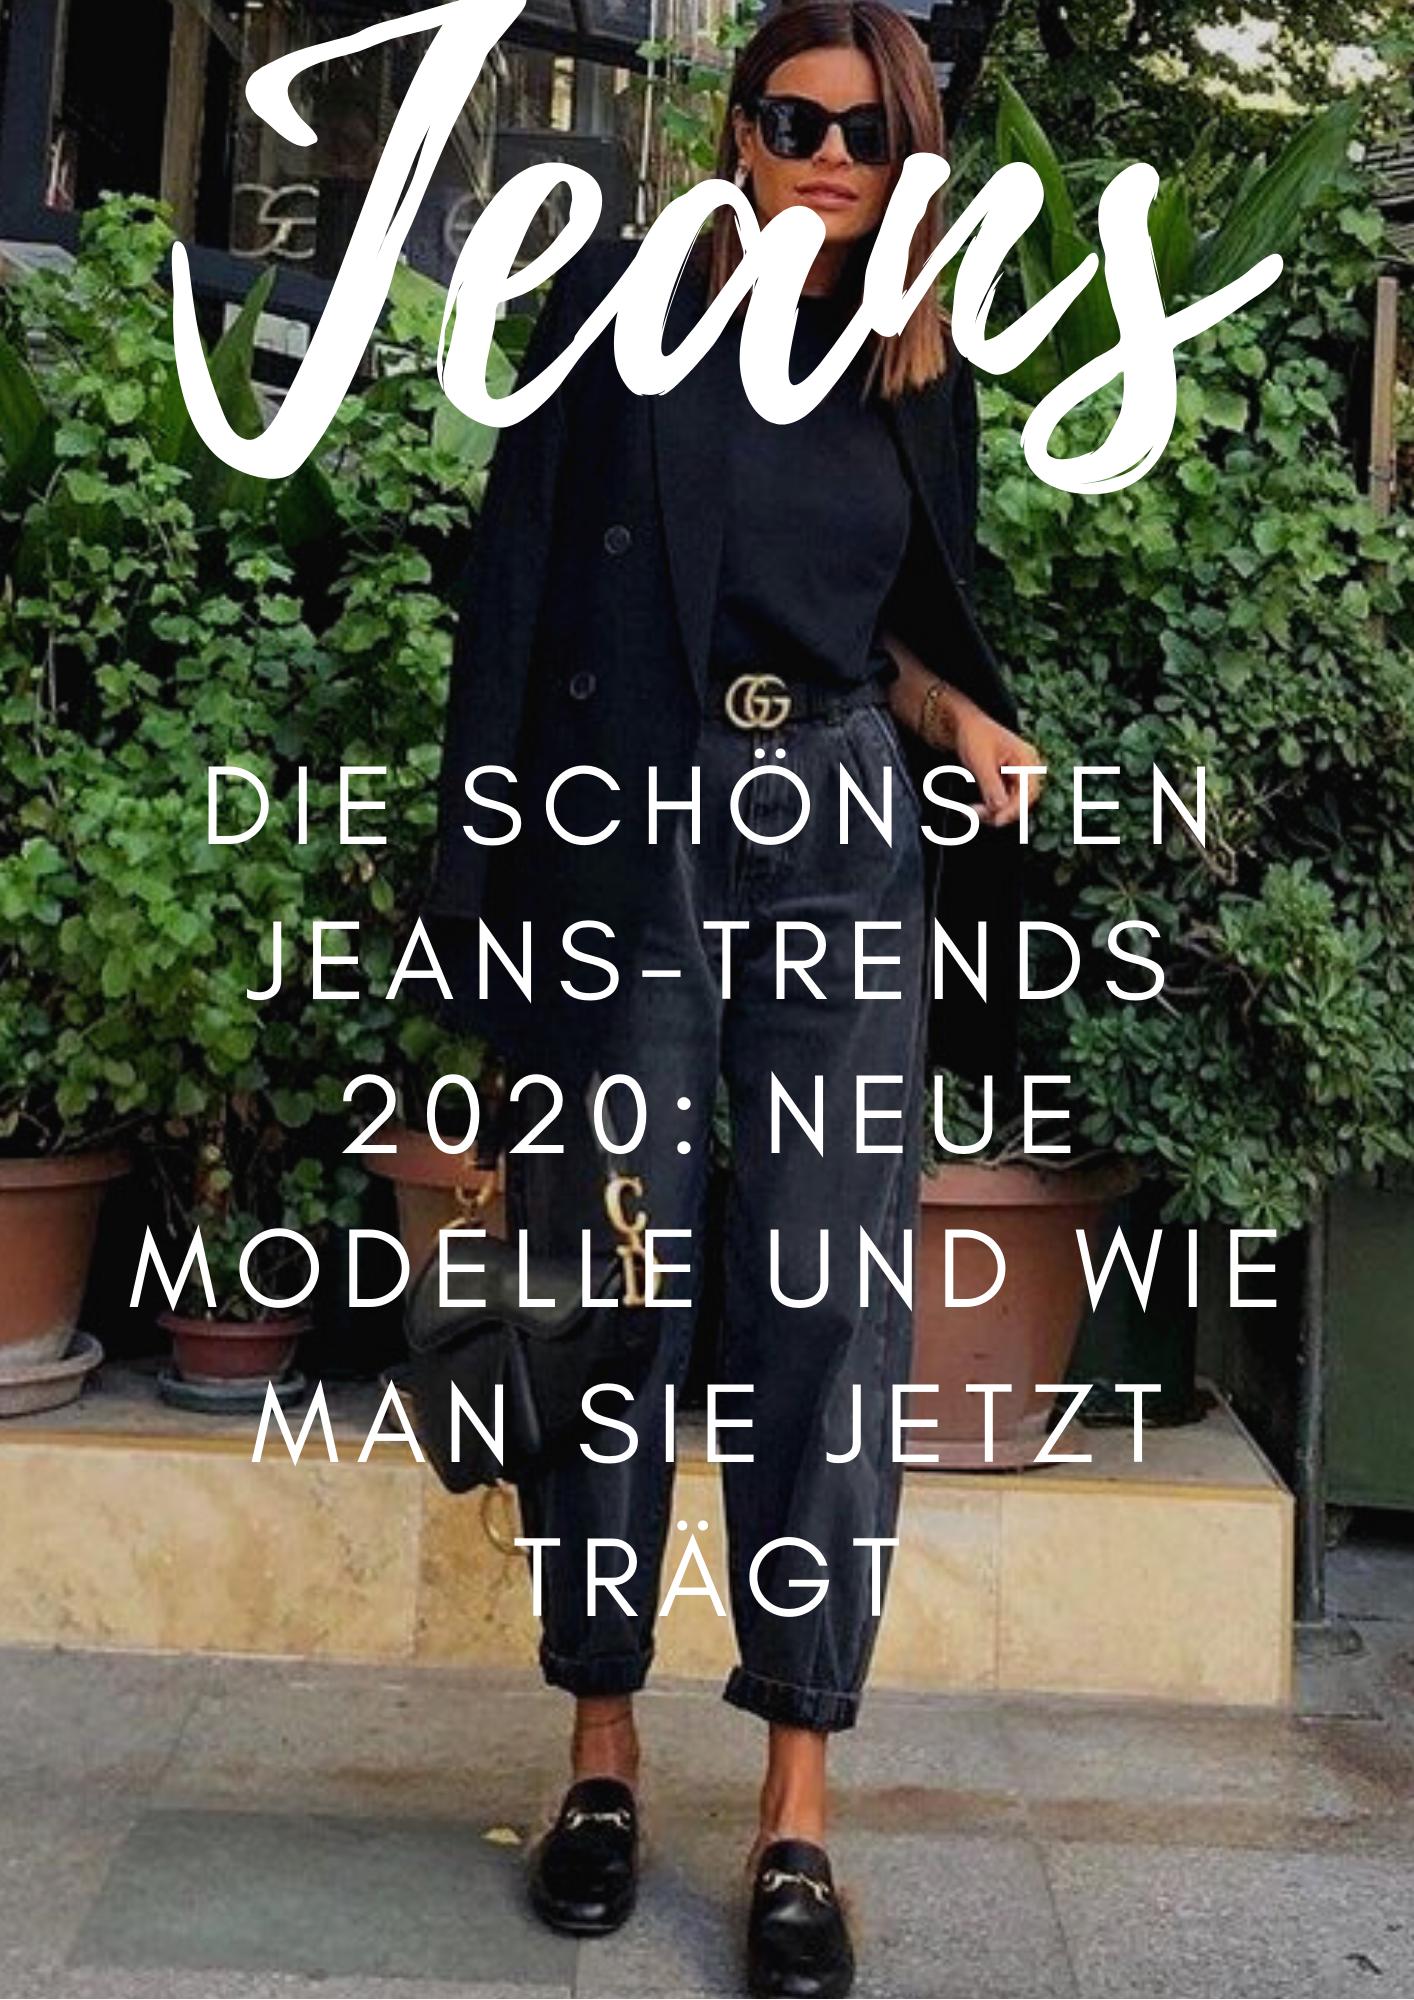 Die schönsten Jeans-Trends 2020: neue Modelle und wie man sie jetzt trägt